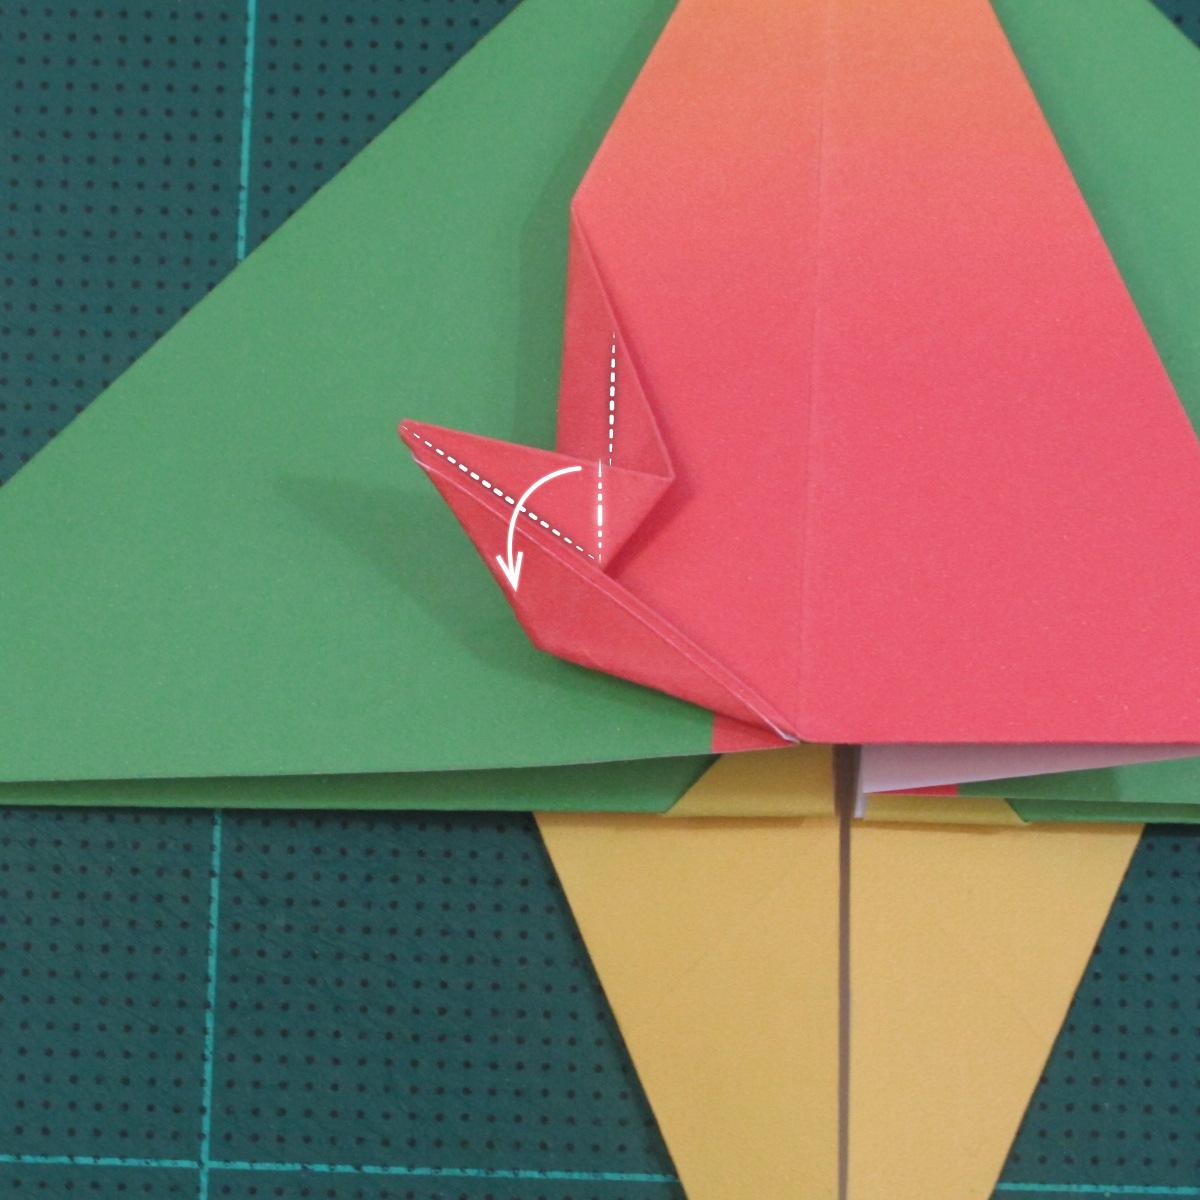 วิธีพับกระดาษเป็นรูปนกแก้ว (Origami Parrot) 021